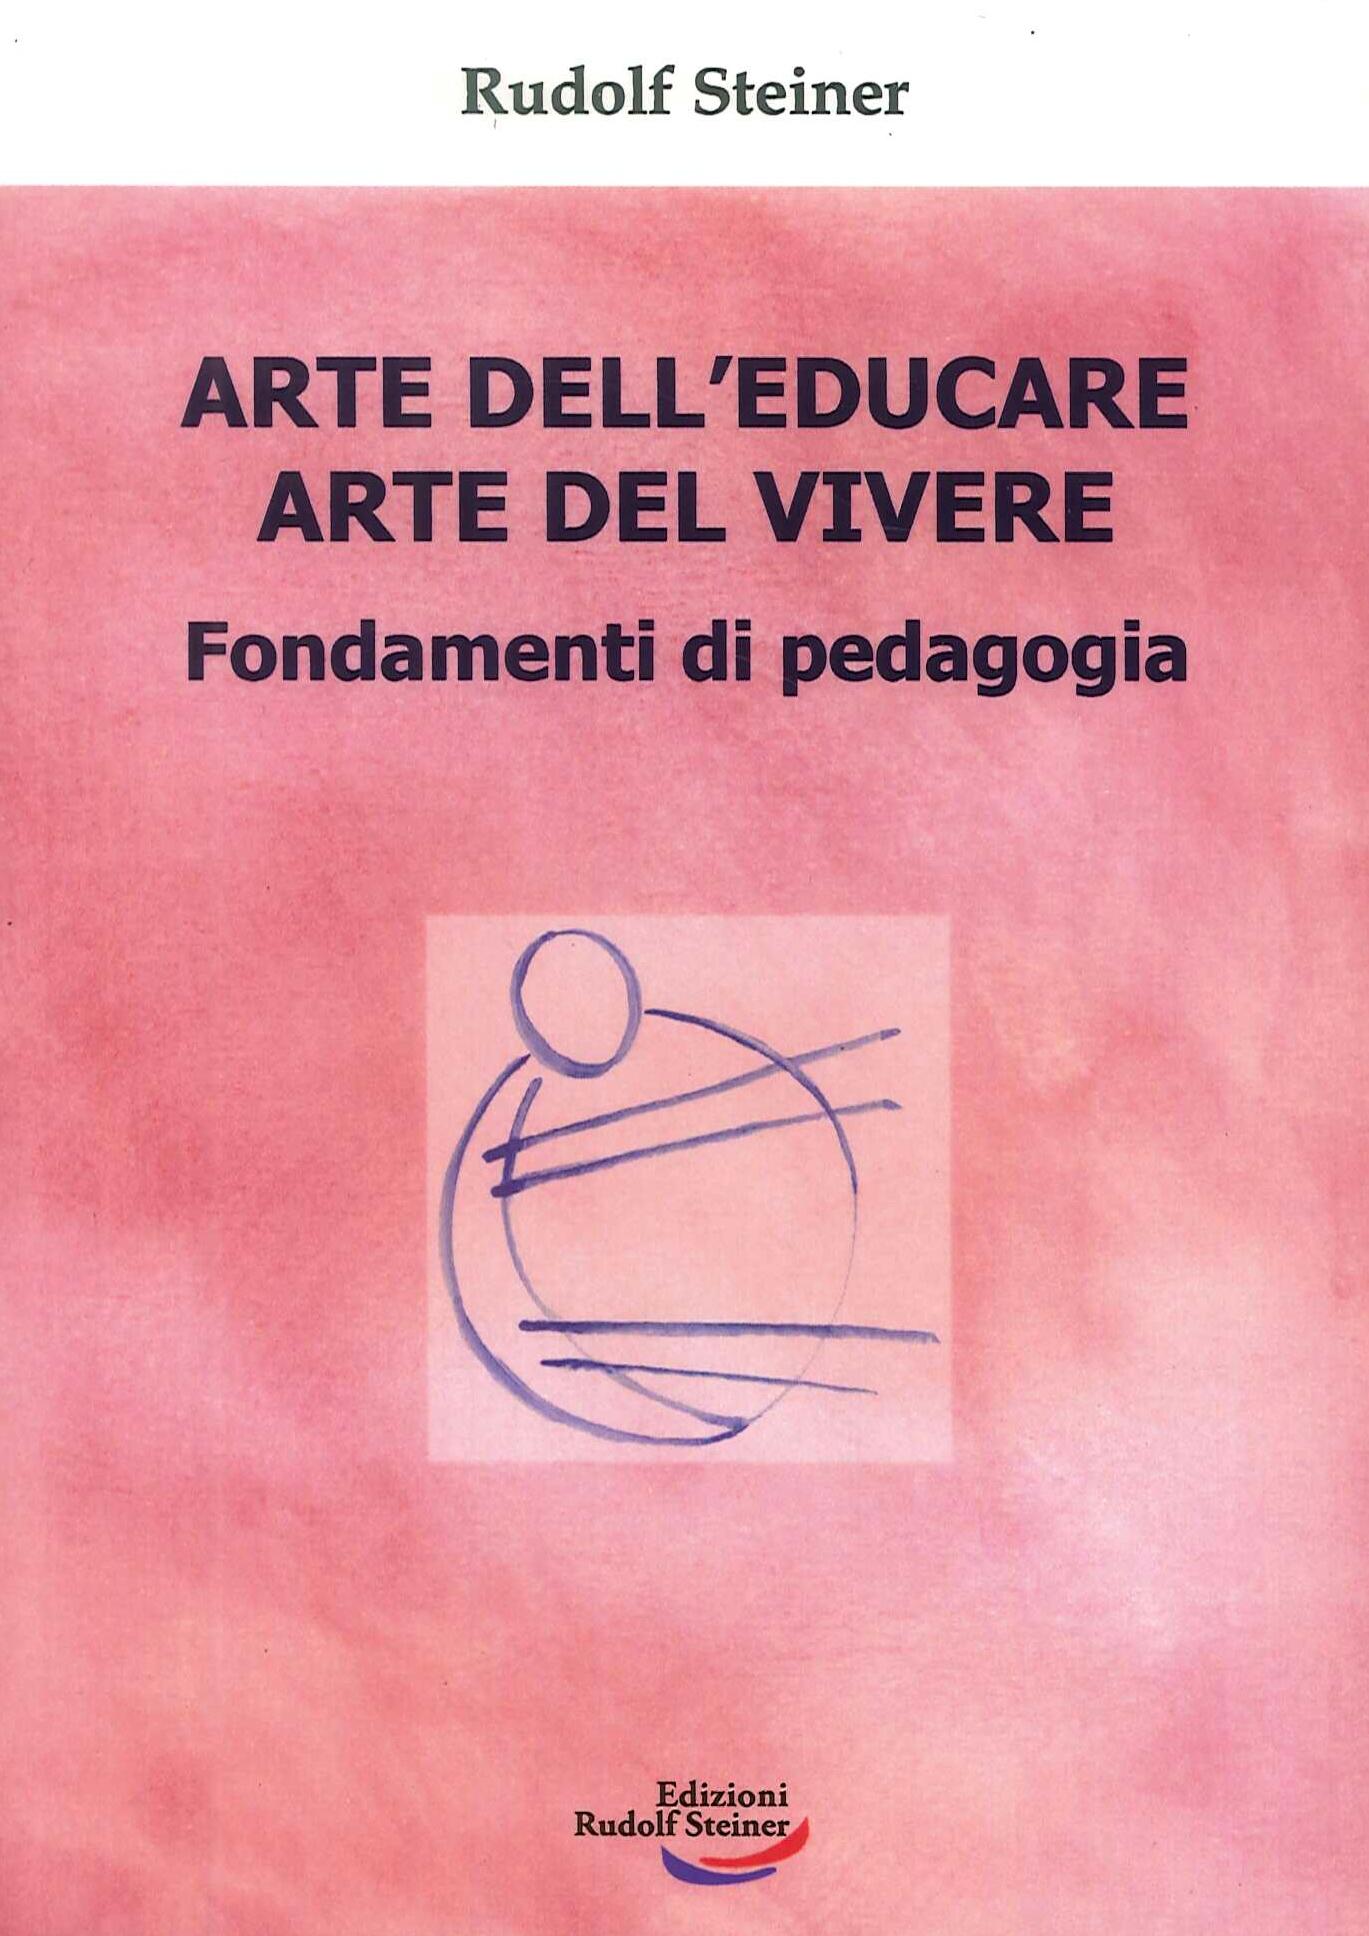 Arte dell'educare, arte del vivere. Fondamenti di pedagogia